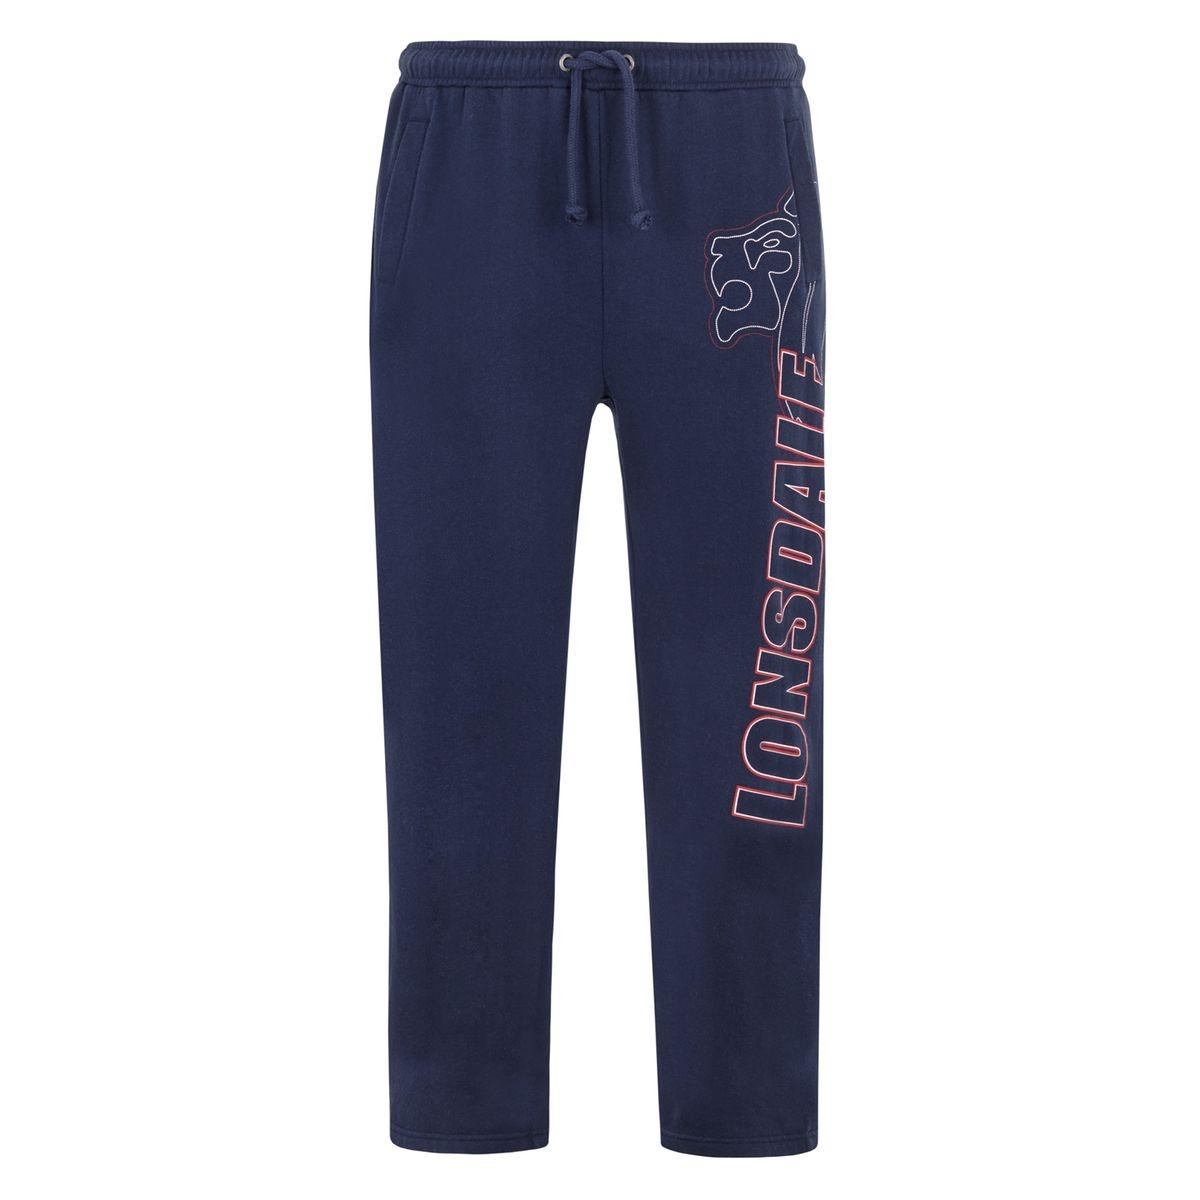 Pantalon de sport DUCKLINGTON